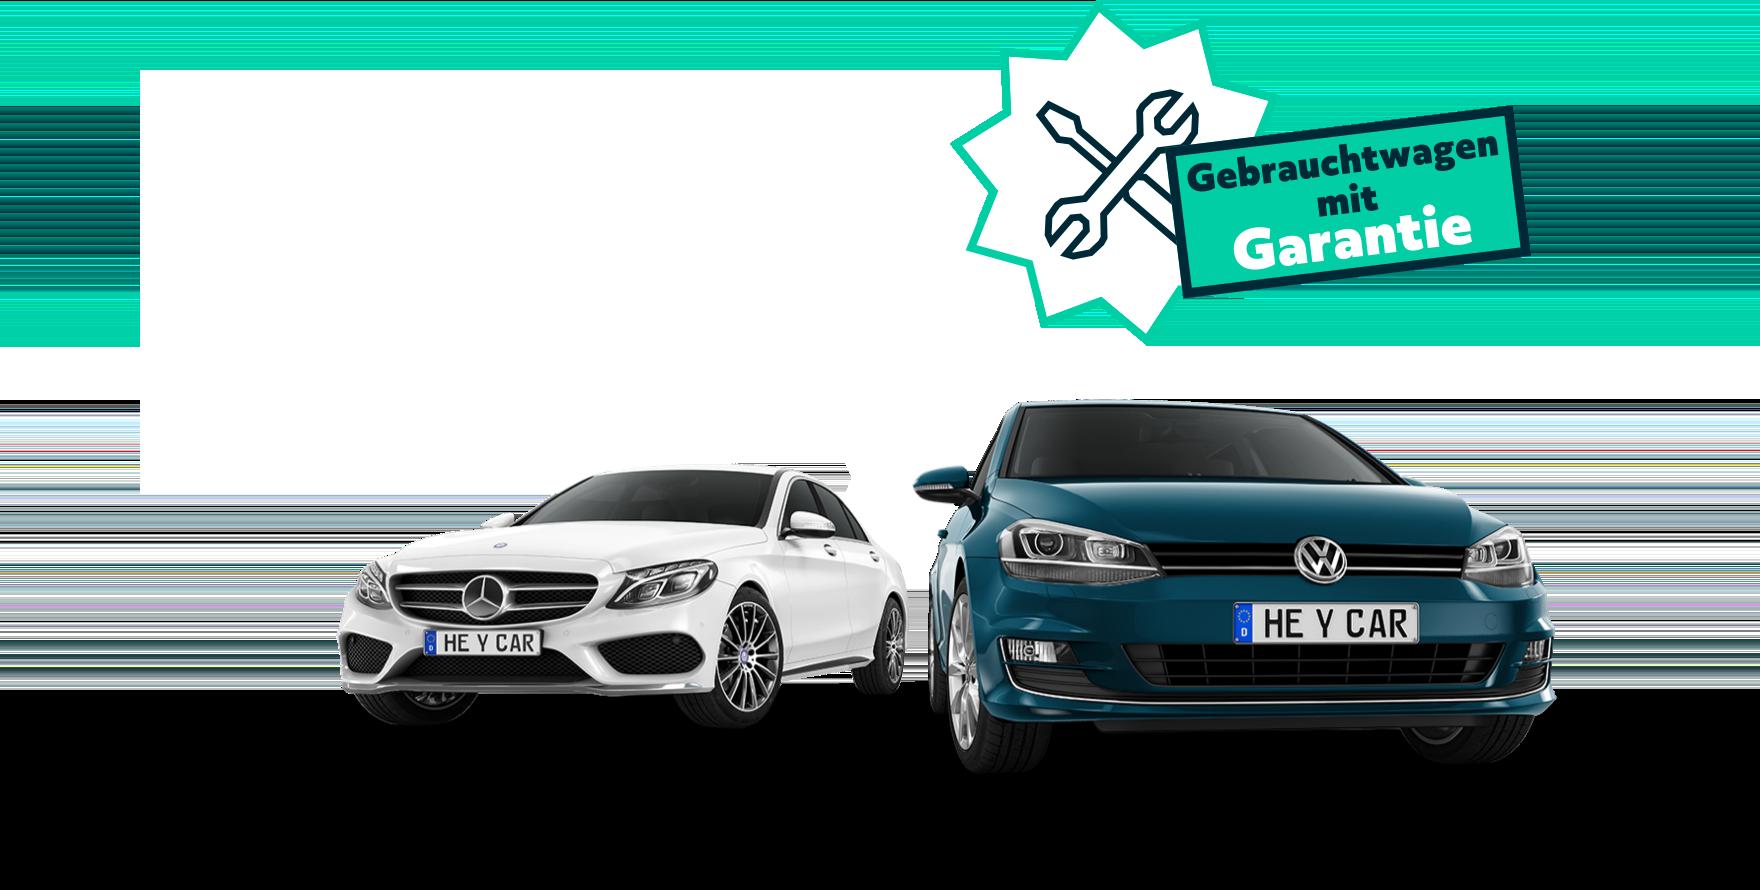 Heycar app